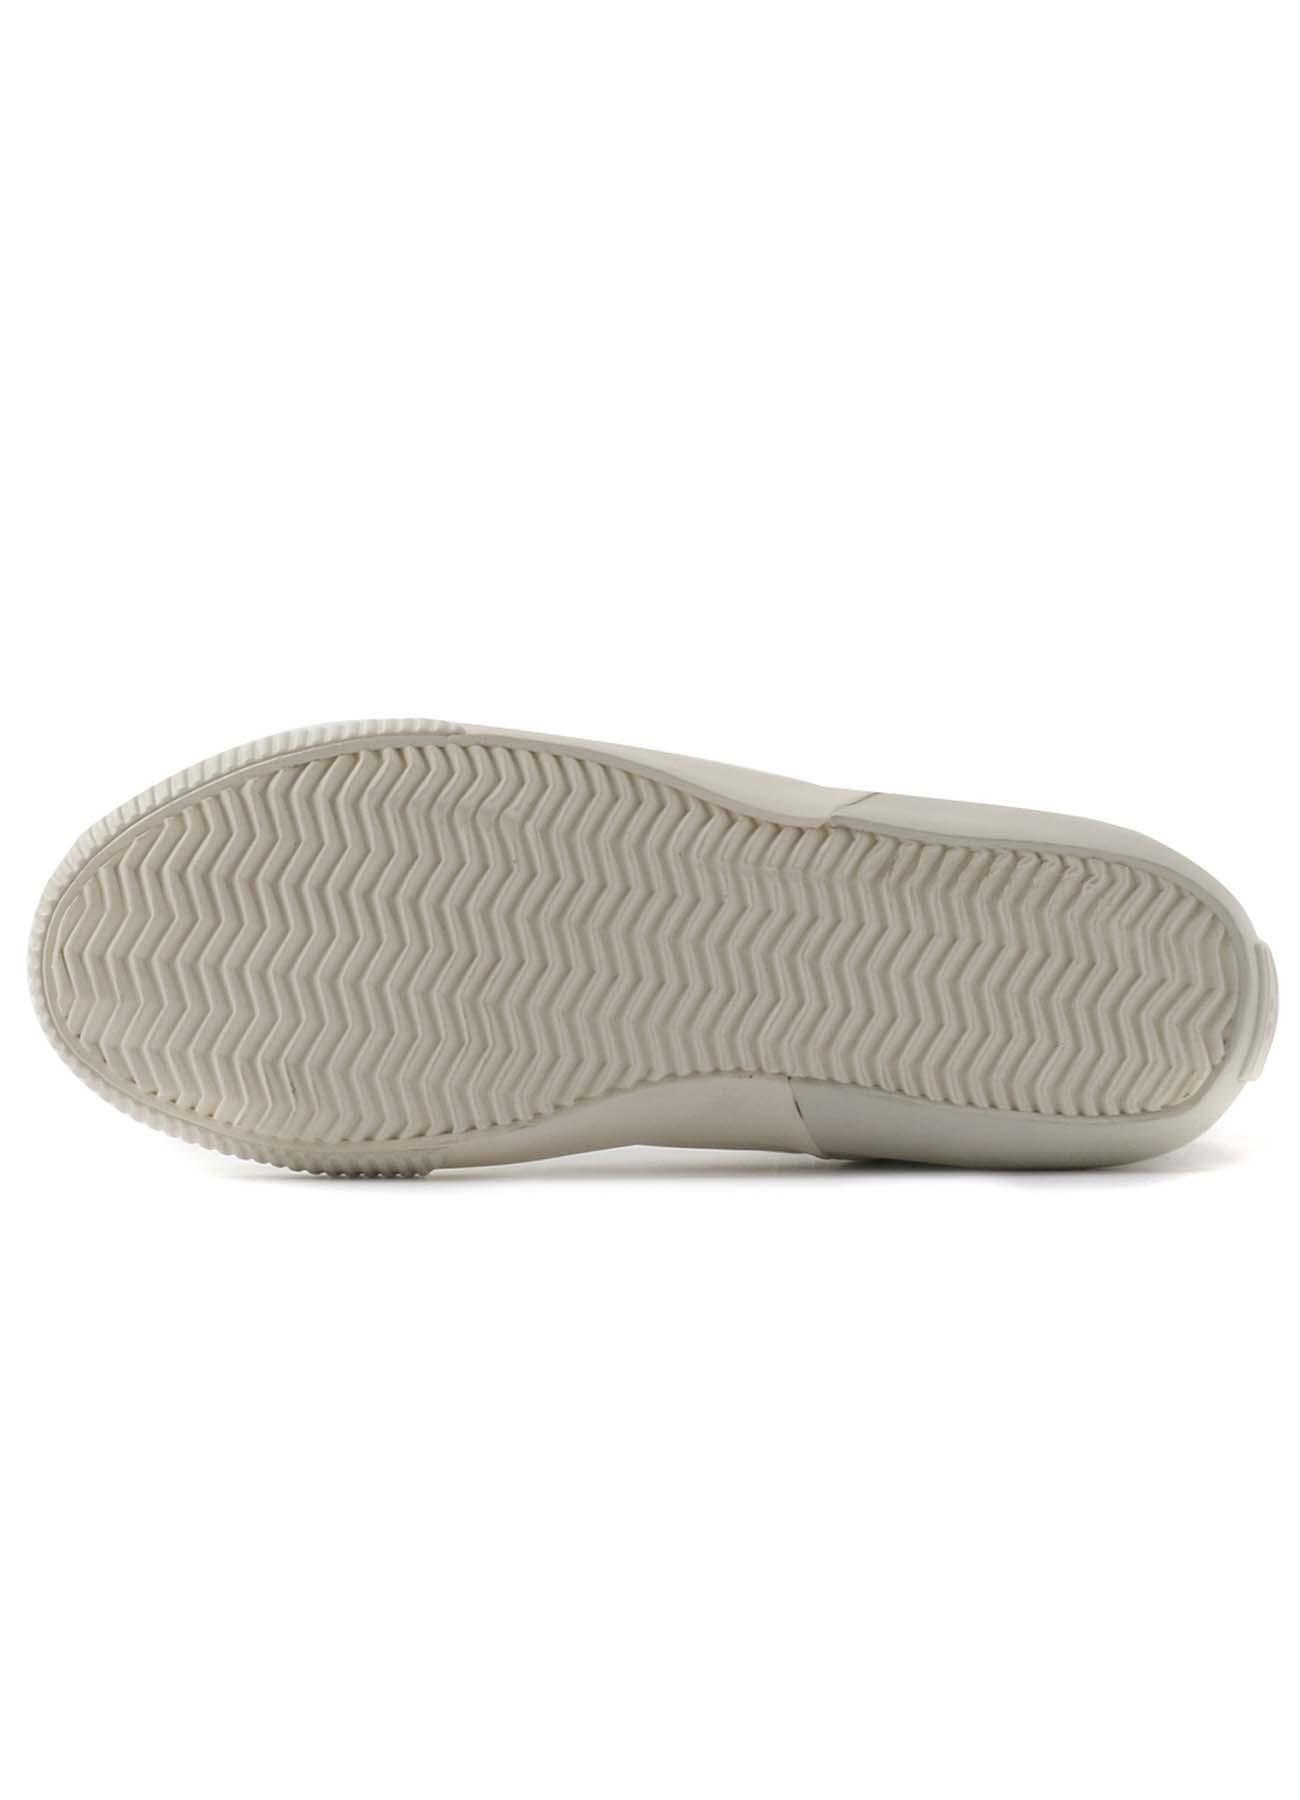 帆布x丝绒 运动鞋